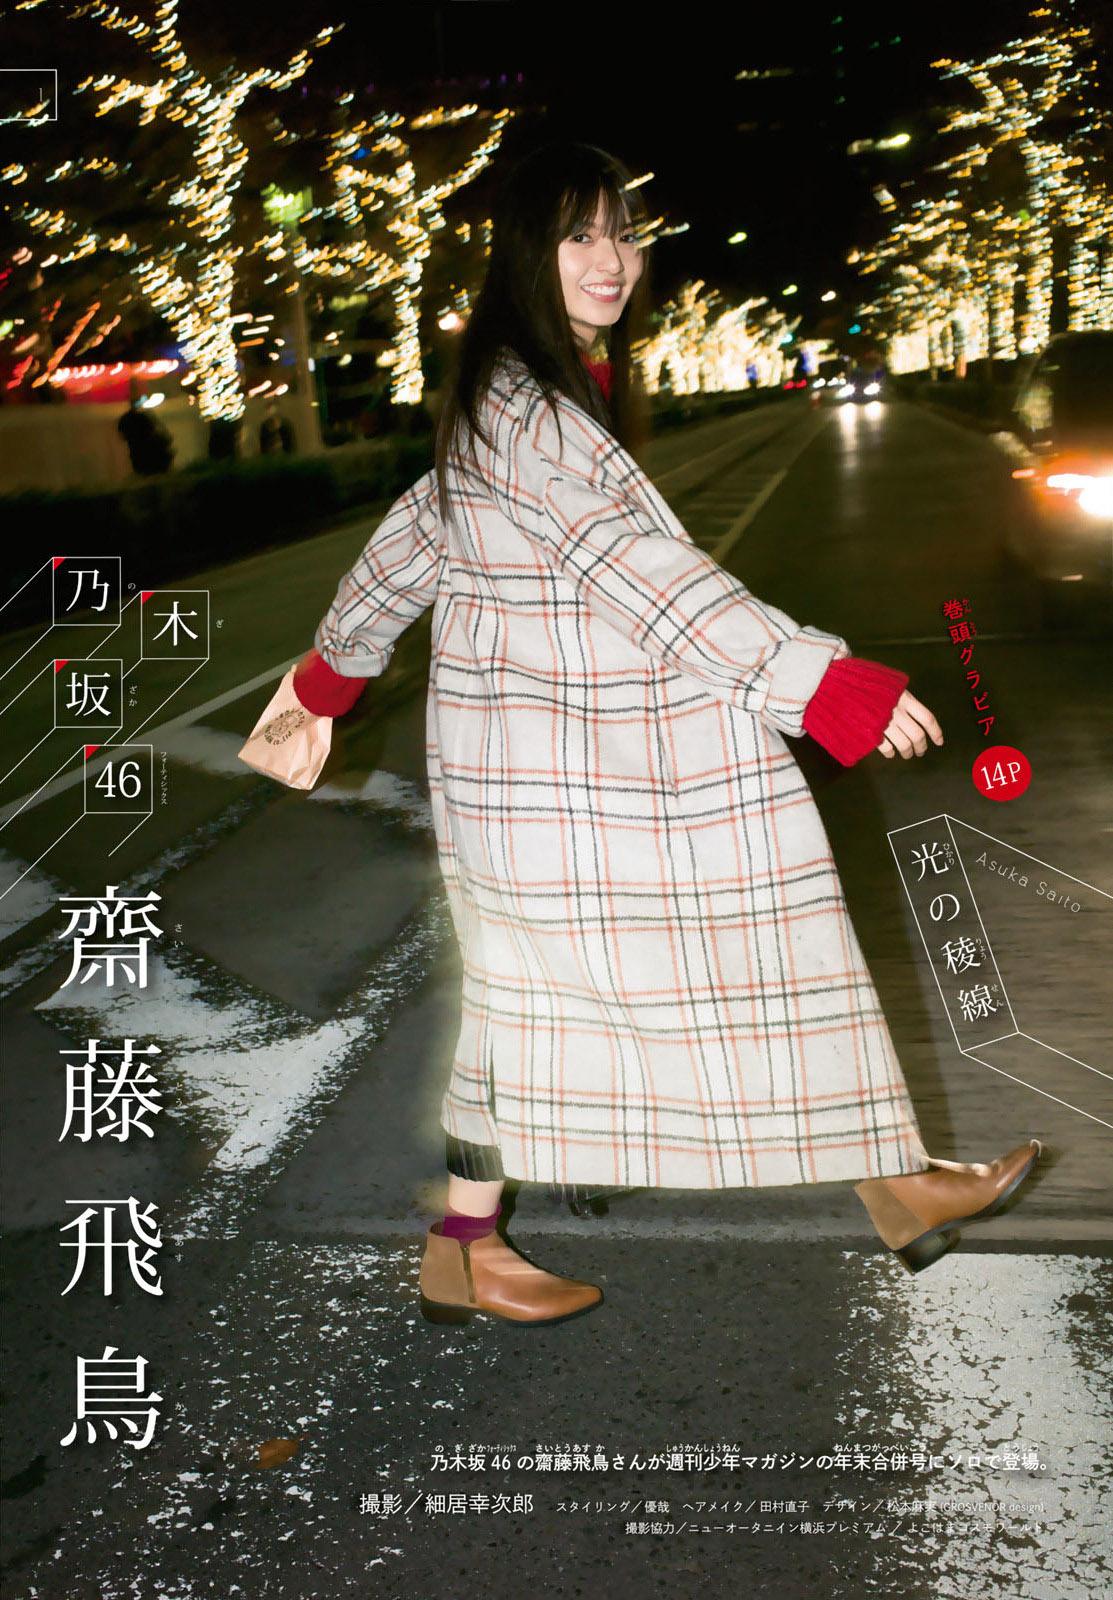 SAsuka Shonen Magazine 200111 02.jpg